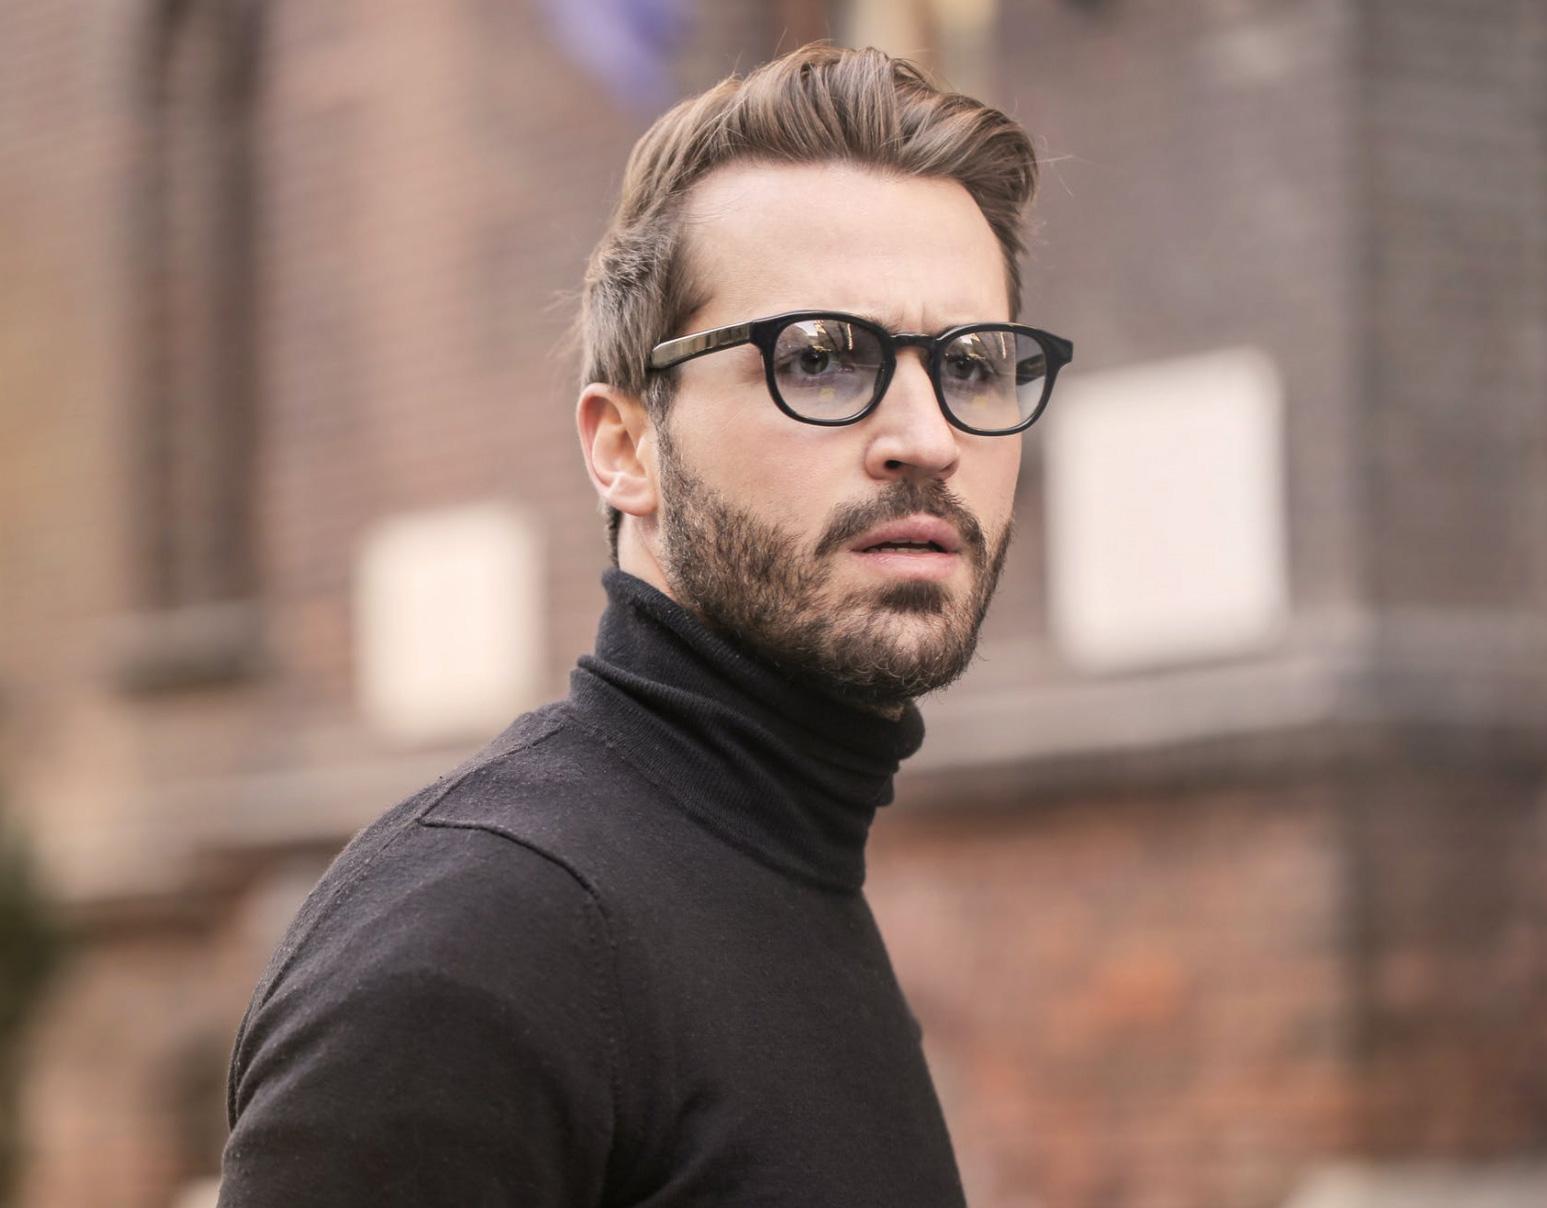 Dario Melpignano